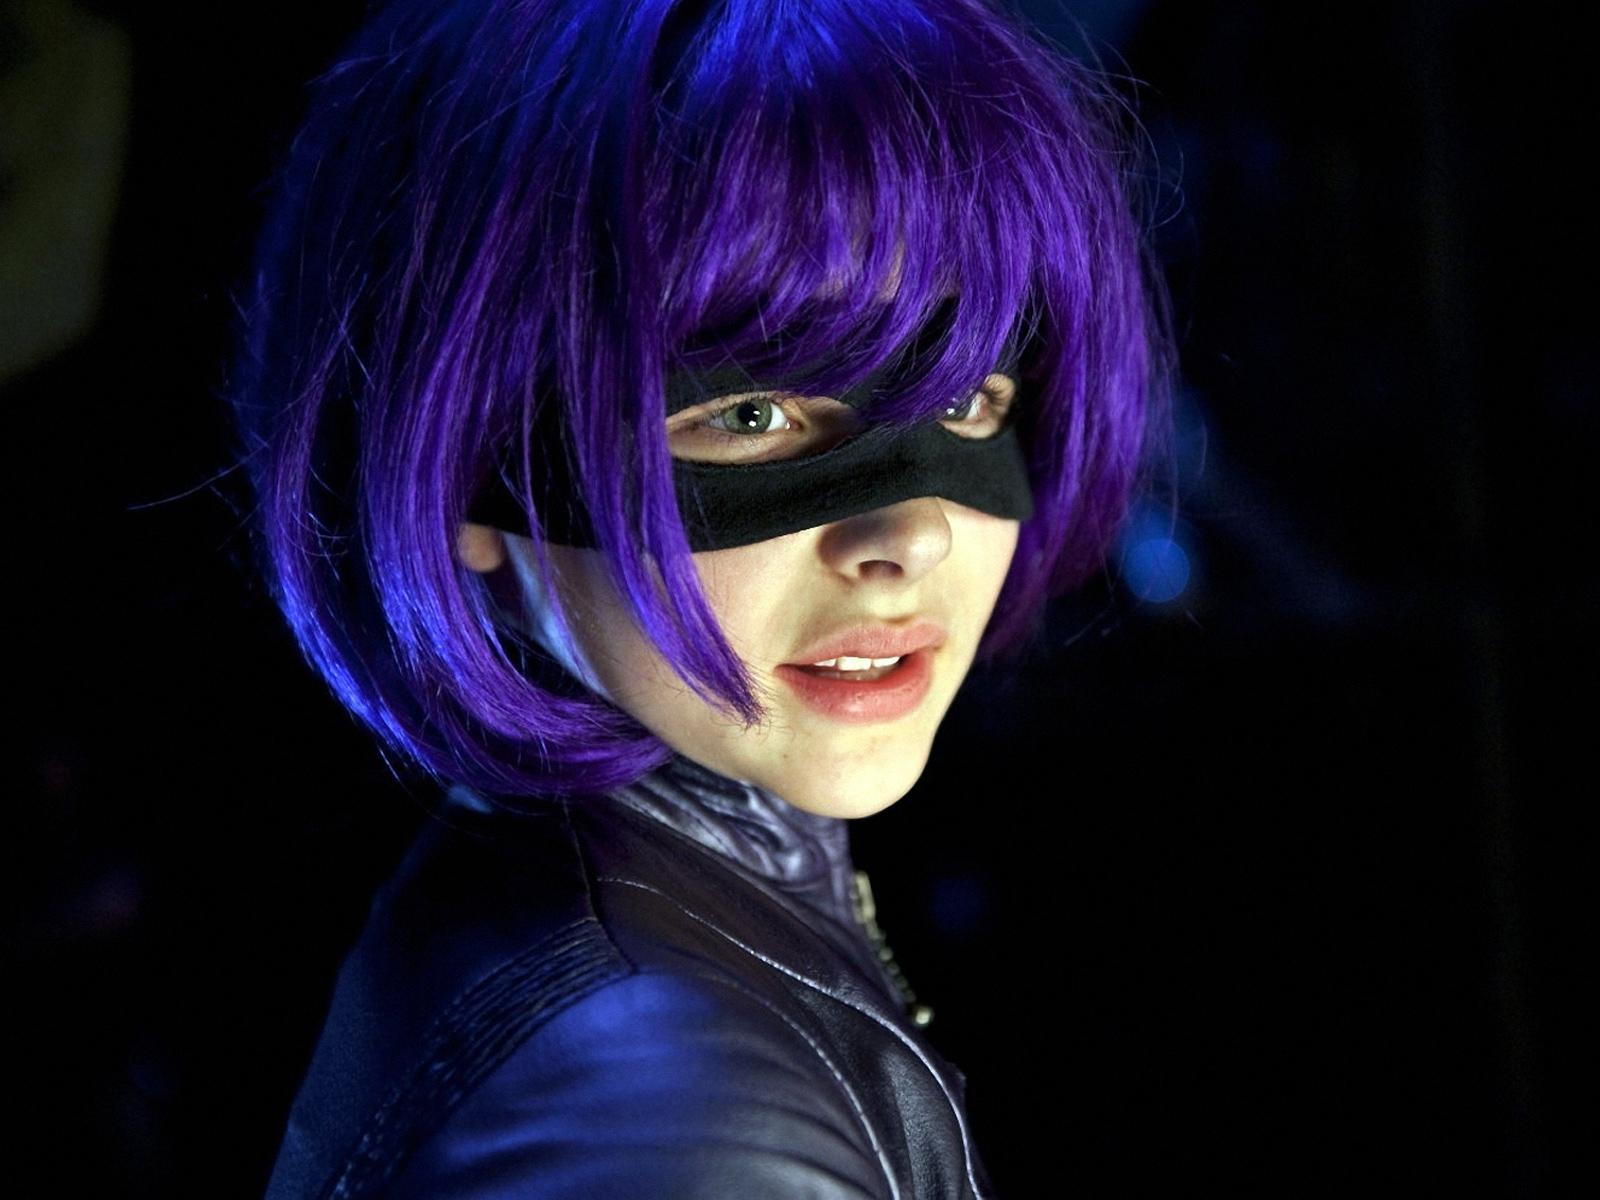 http://3.bp.blogspot.com/-Raf9hcR-PnI/UBWjSnp1VSI/AAAAAAABOJk/wlT3PRGqlNs/s1600/kick_ass_hit_girl_chloe_moretz-normal.jpg